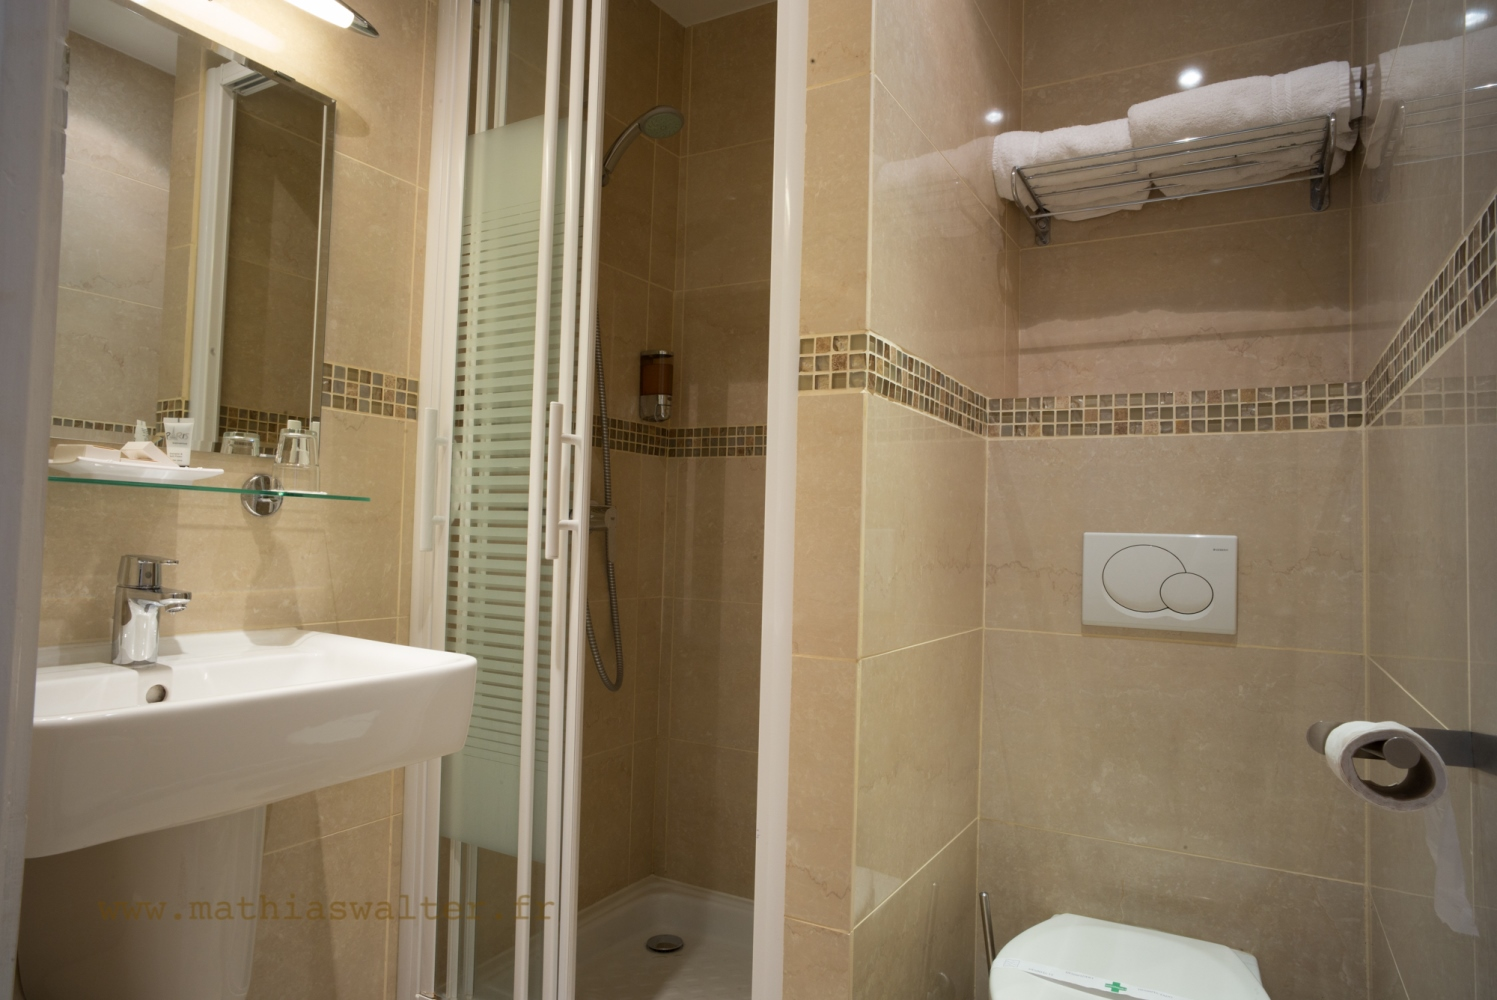 ... Chambre Double Avec Douche à Lu0027Hôtel AGENOR, Hôtel 3 étoiles Quartier  Montparnasse, ...